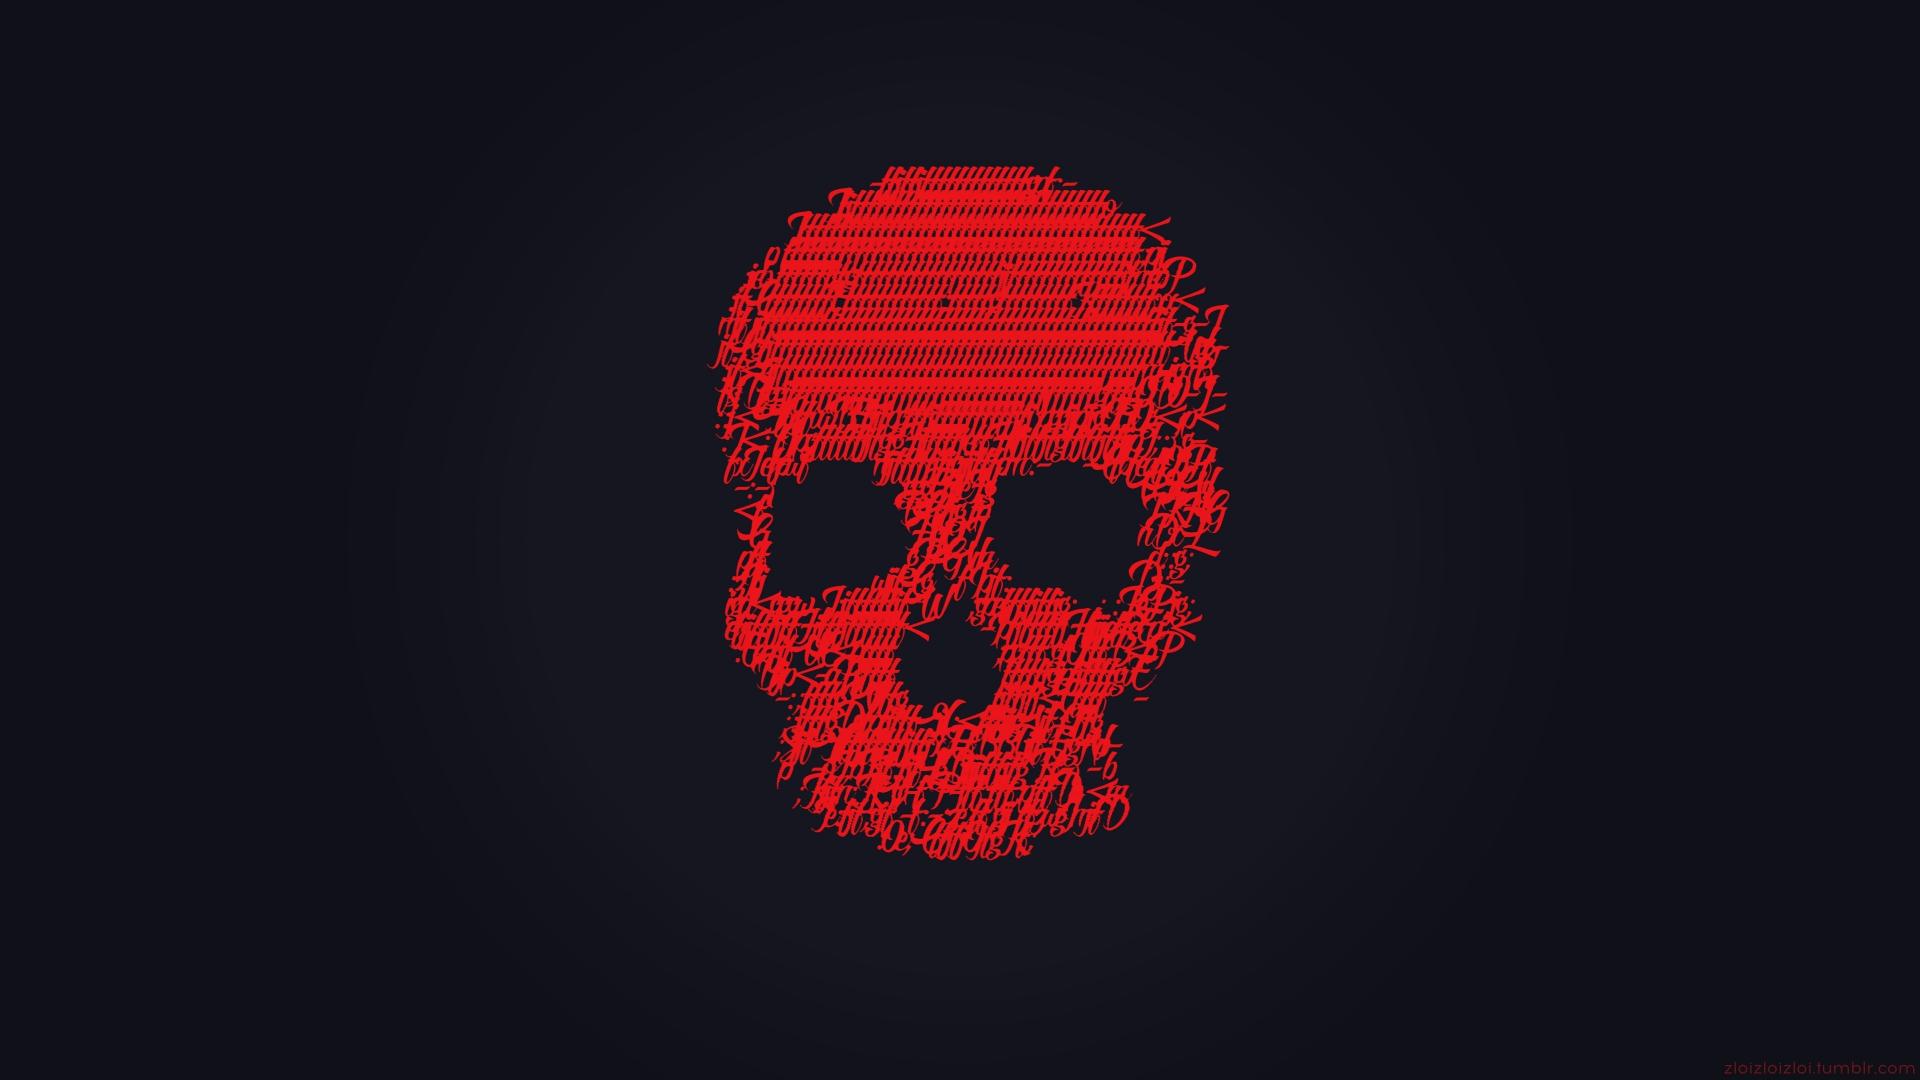 Download 1920x1080 Wallpaper Skull Glitch Art Minimal Dark Red